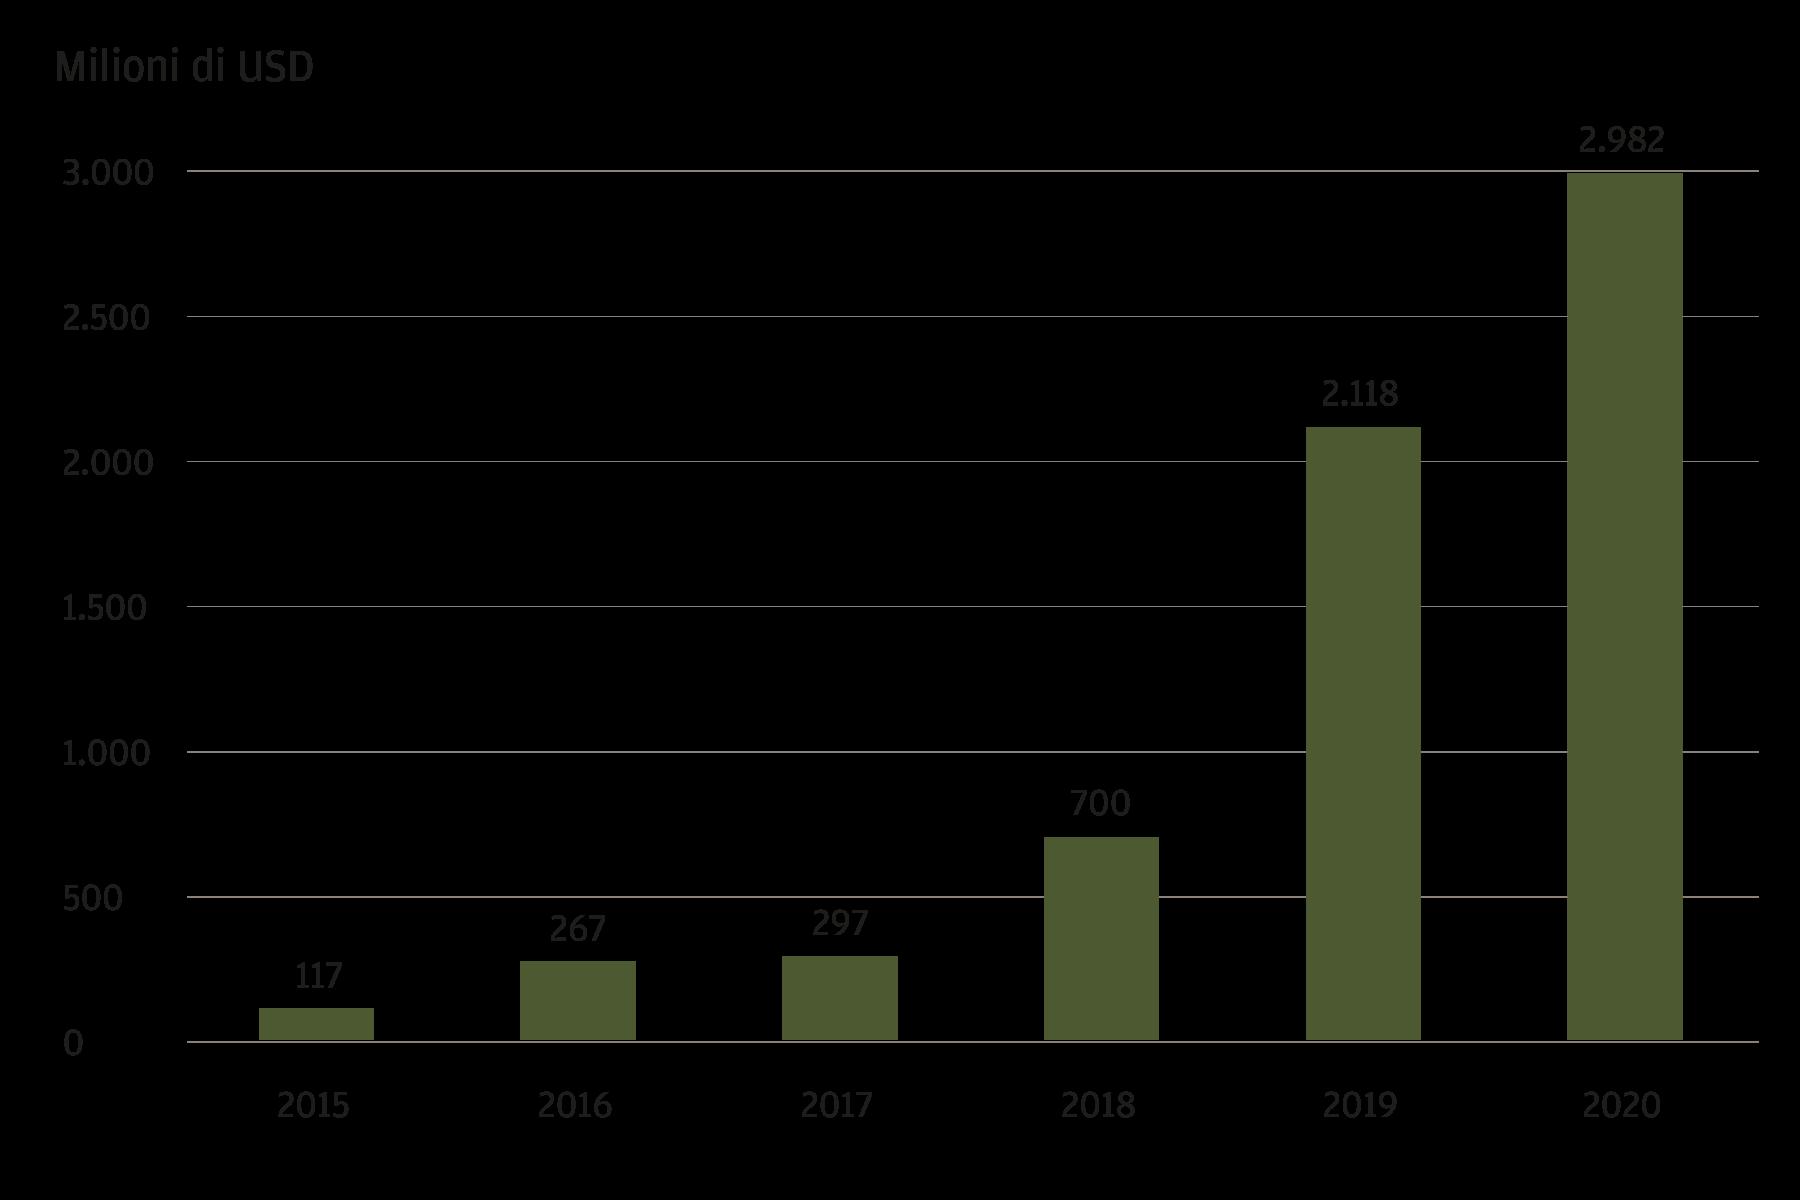 Il grafico mostra i finanziamenti annuali delle fintech in America Latina dal 2015 al 2020 in milioni di dollari USA. I finanziamenti fintech sono aumentati ogni anno dal 2015. Nel 2015, ammontavano a 117 milioni di USD. L'anno più recente incluso nel grafico è il 2020, con finanziamenti fintech pari a 2,982 miliardi di USD.